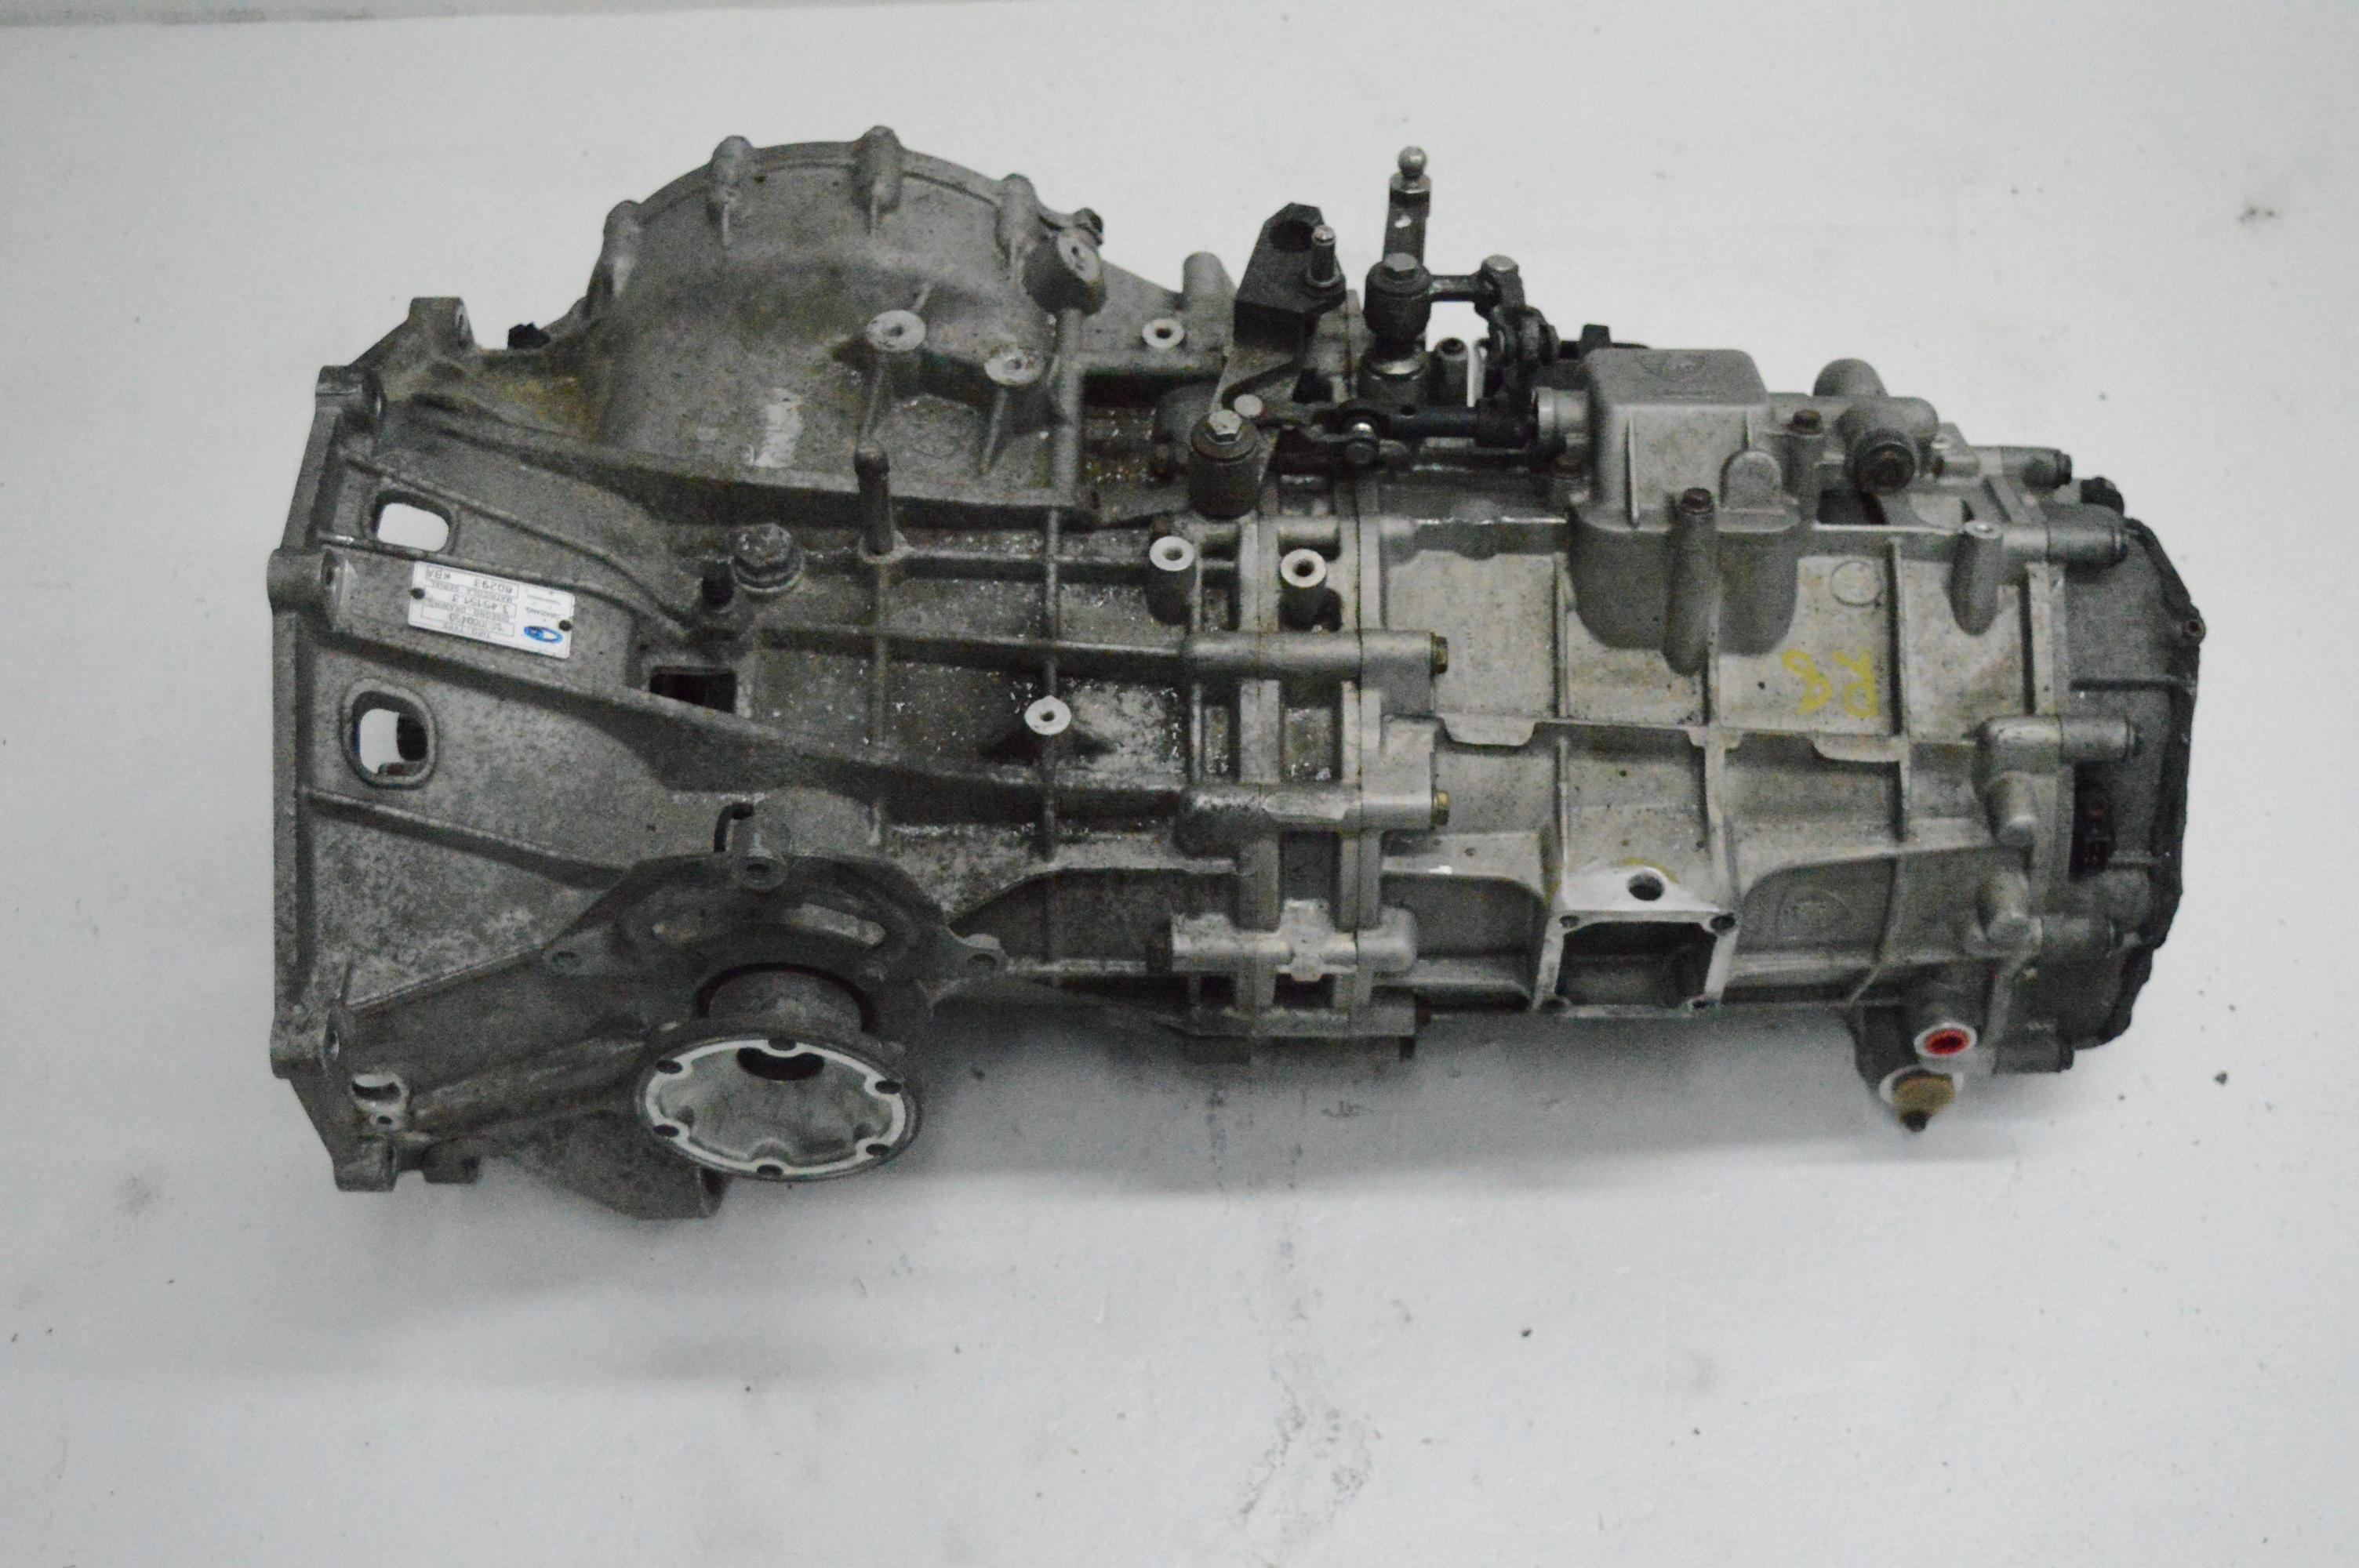 boite de vitesse r8 v8 4.2L manuelle.jpg